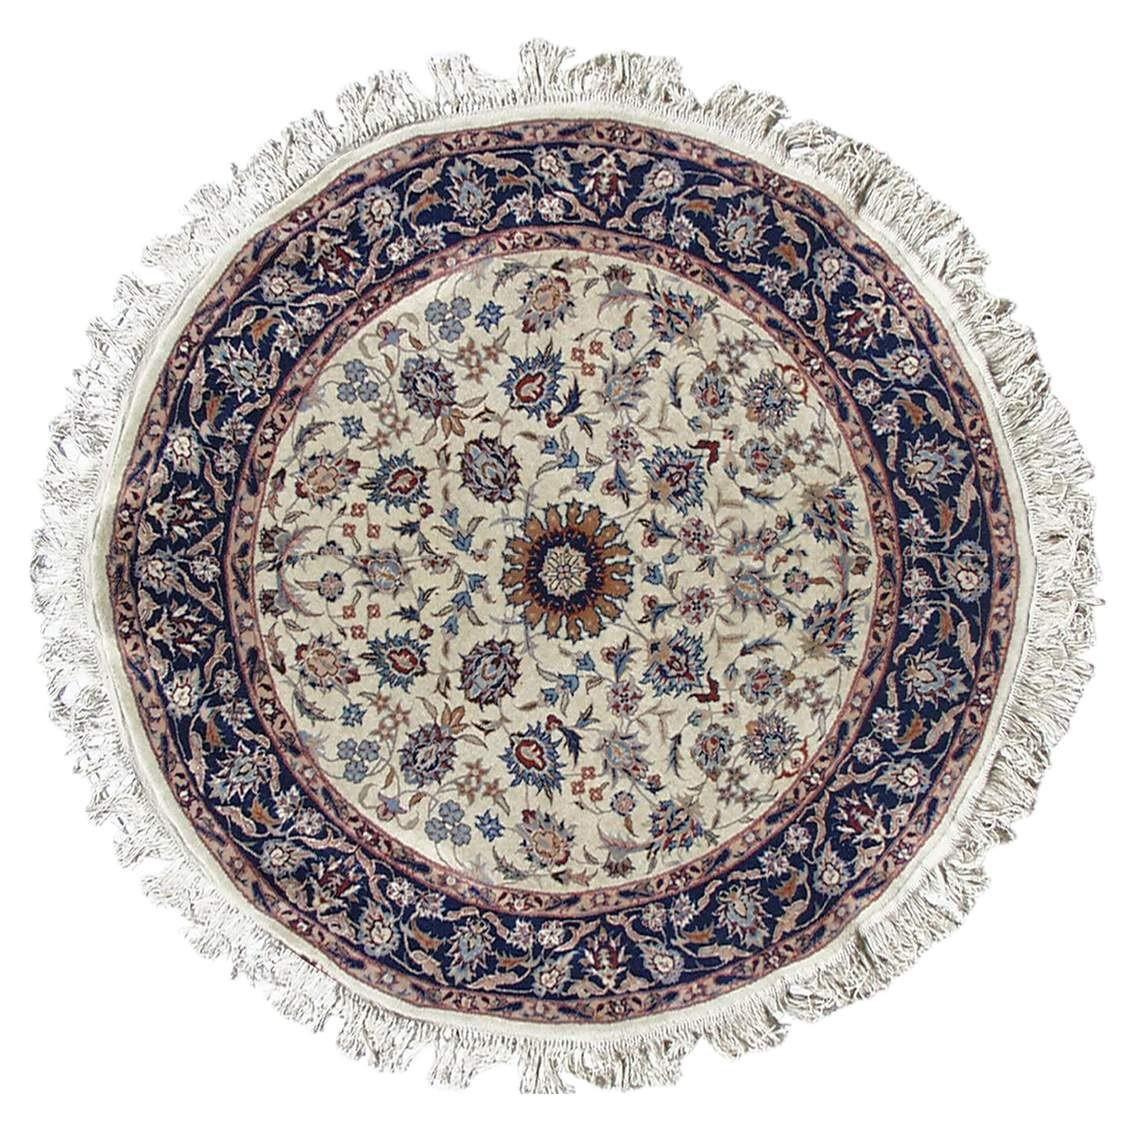 > 圆形地毯3d材质下载 3d地毯材质贴图素材下载